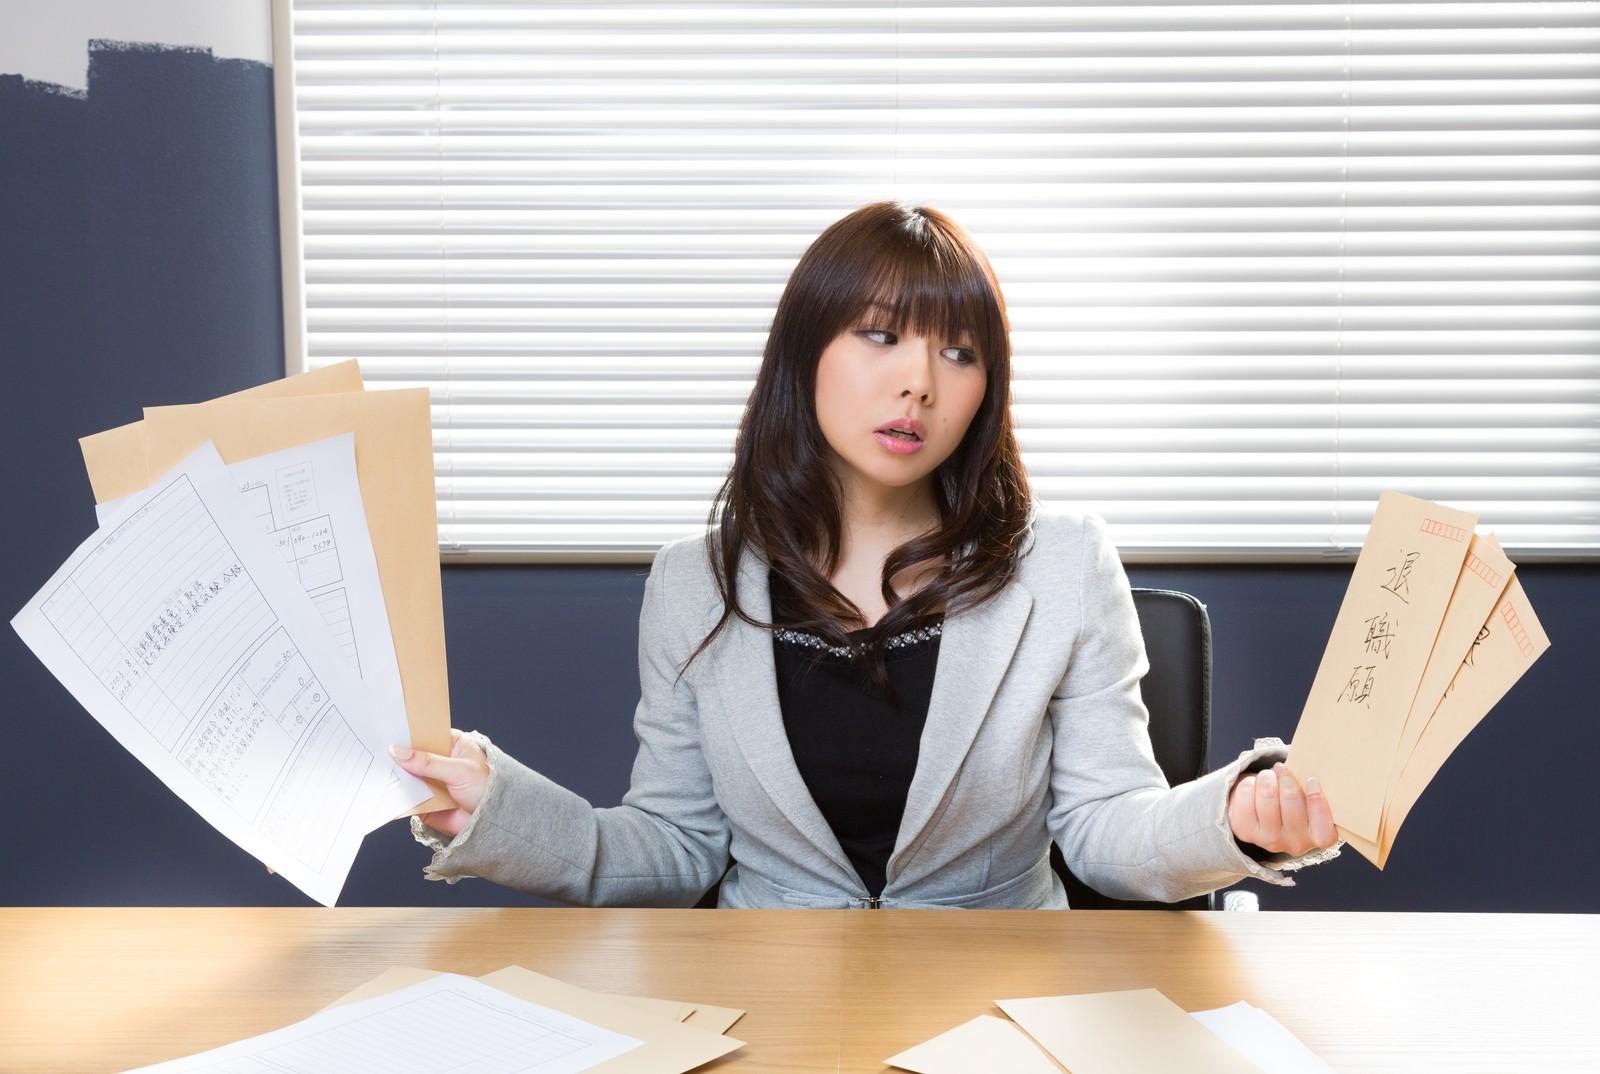 履歴書を見る女性